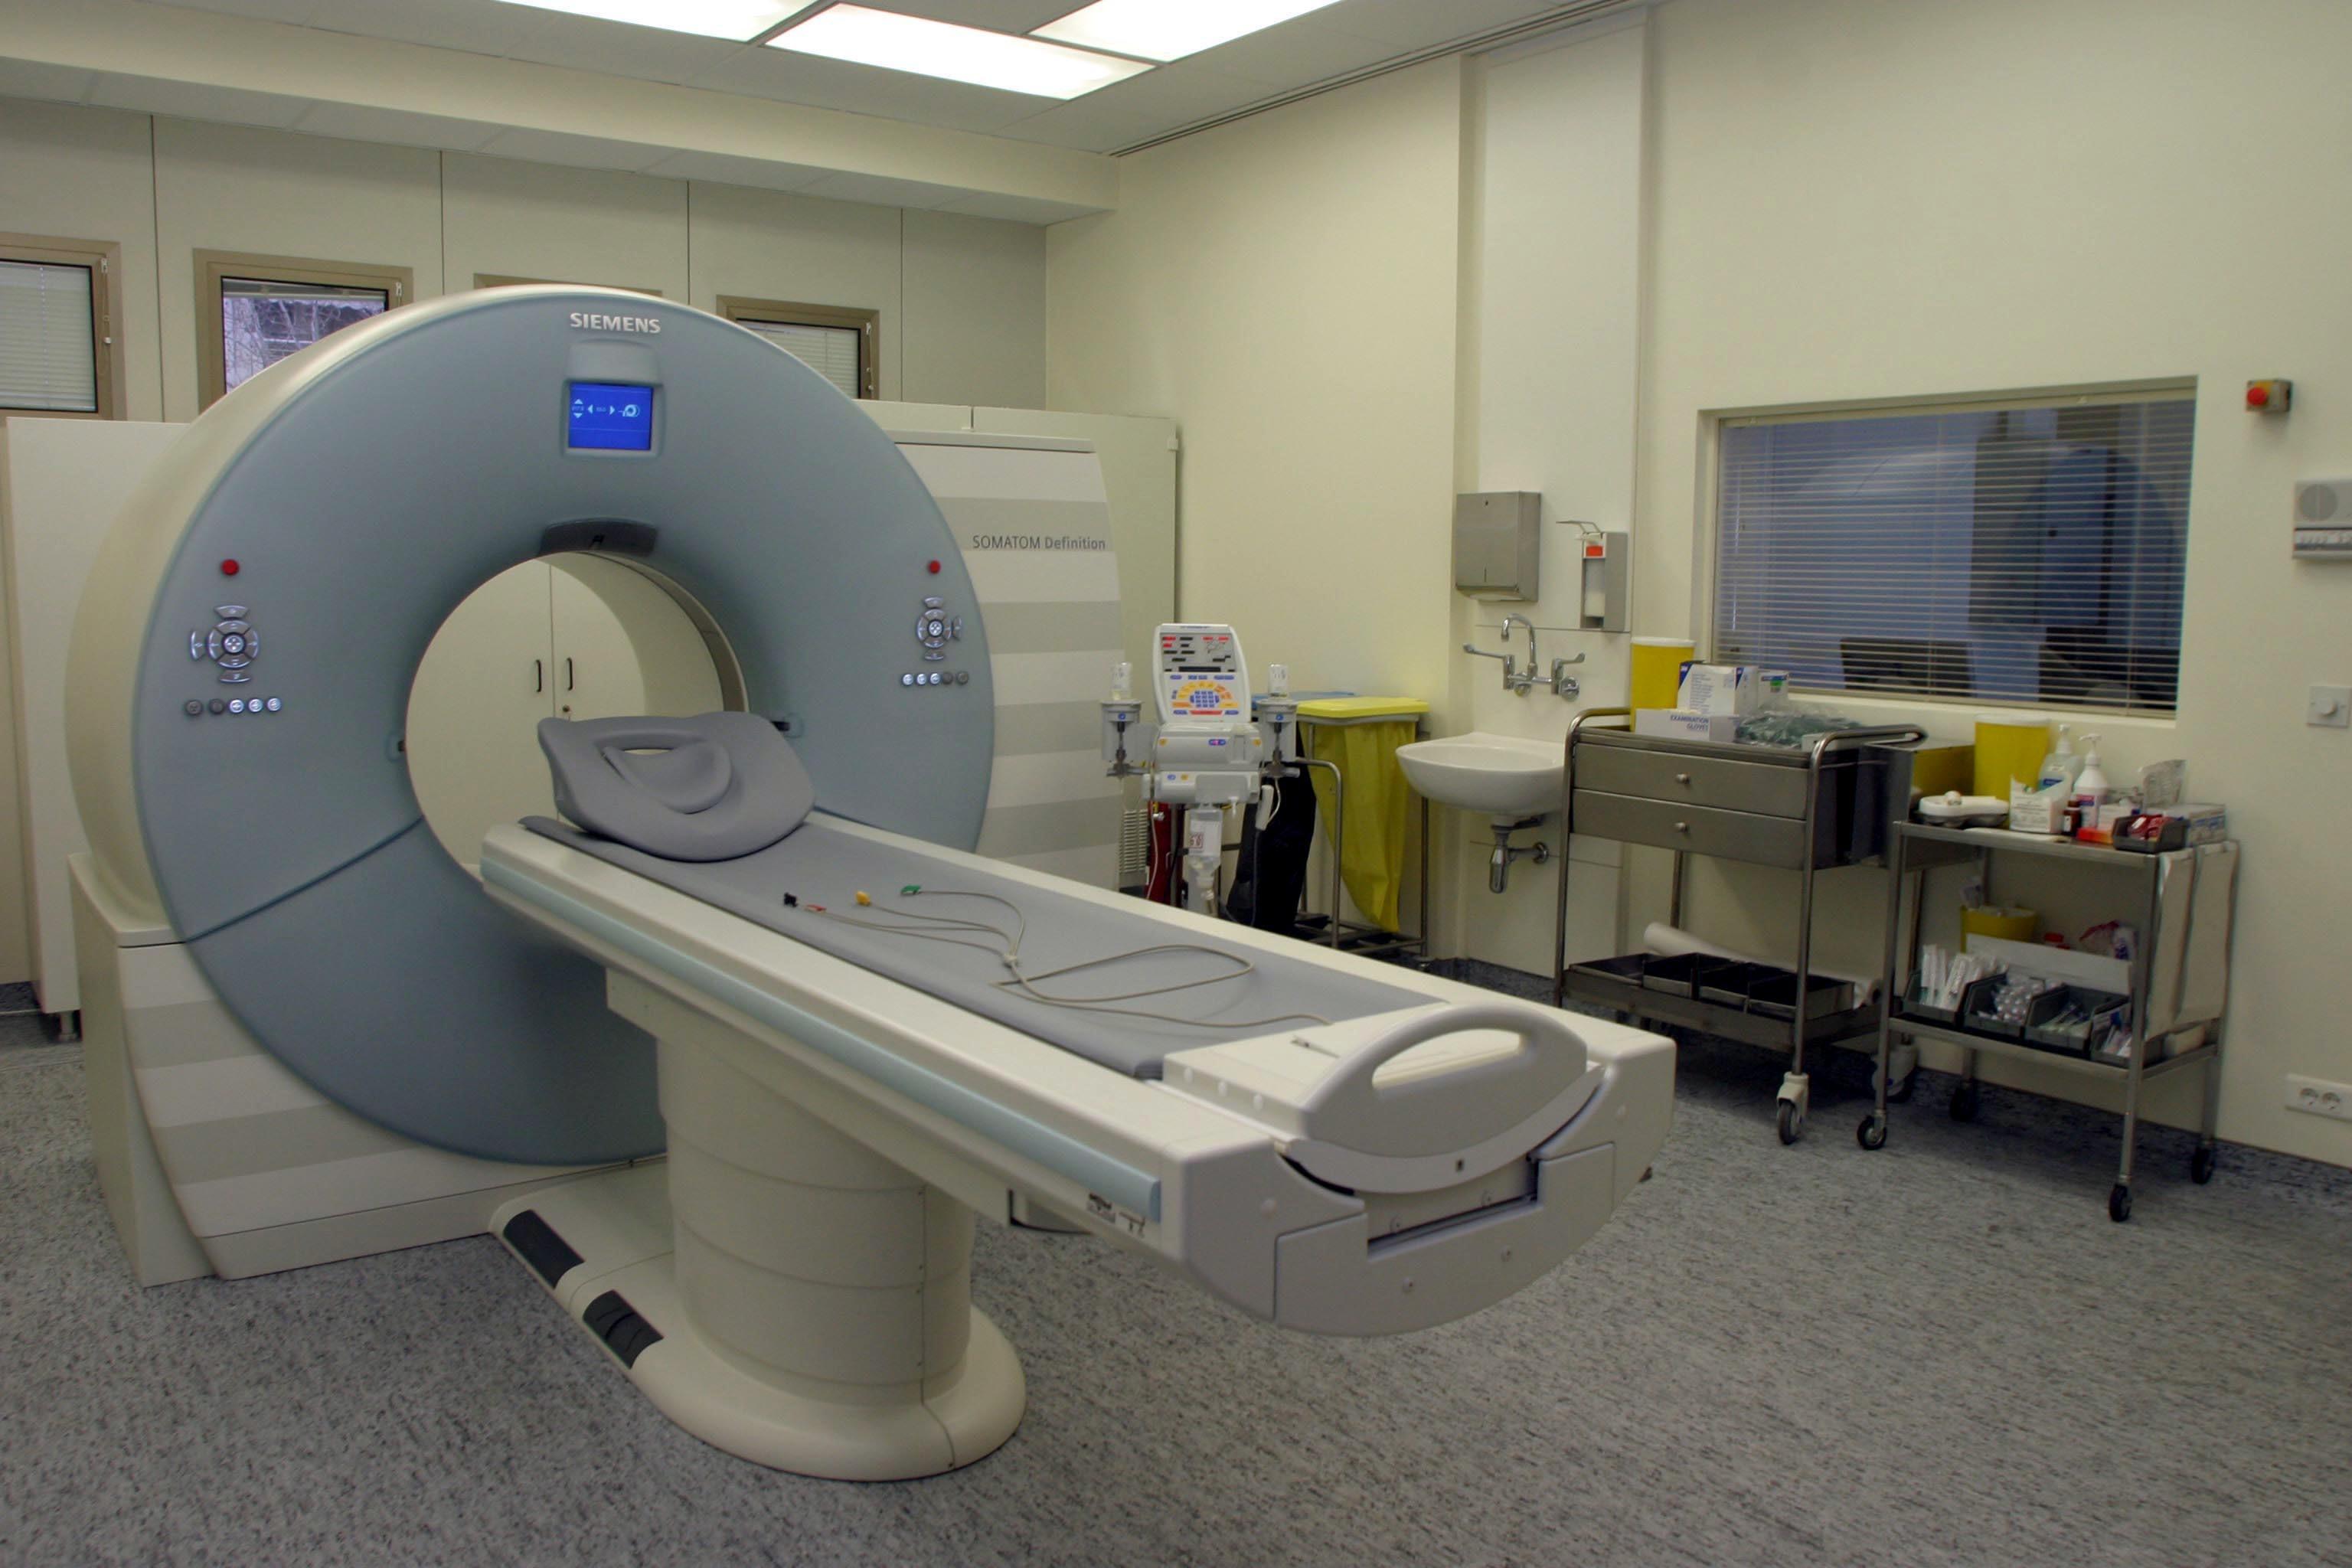 ΕΟΠΥΥ: Τι αλλάζει σε μαγνητικές, αξονικές και μαστογραφίες